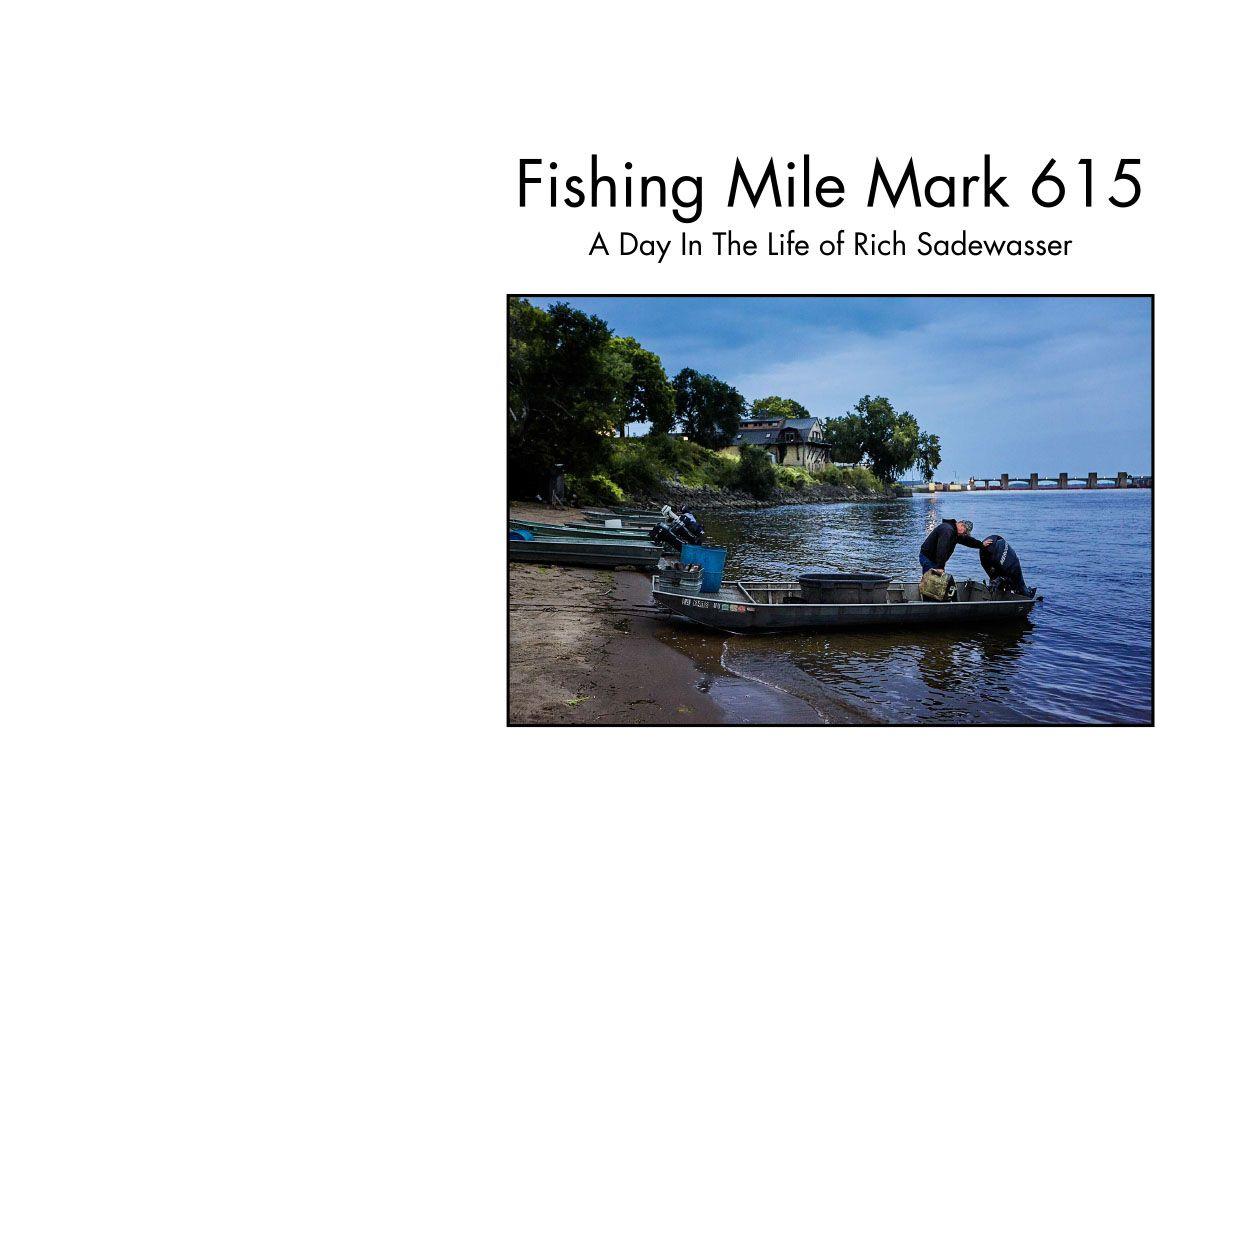 FishingMileMark615-1.jpg